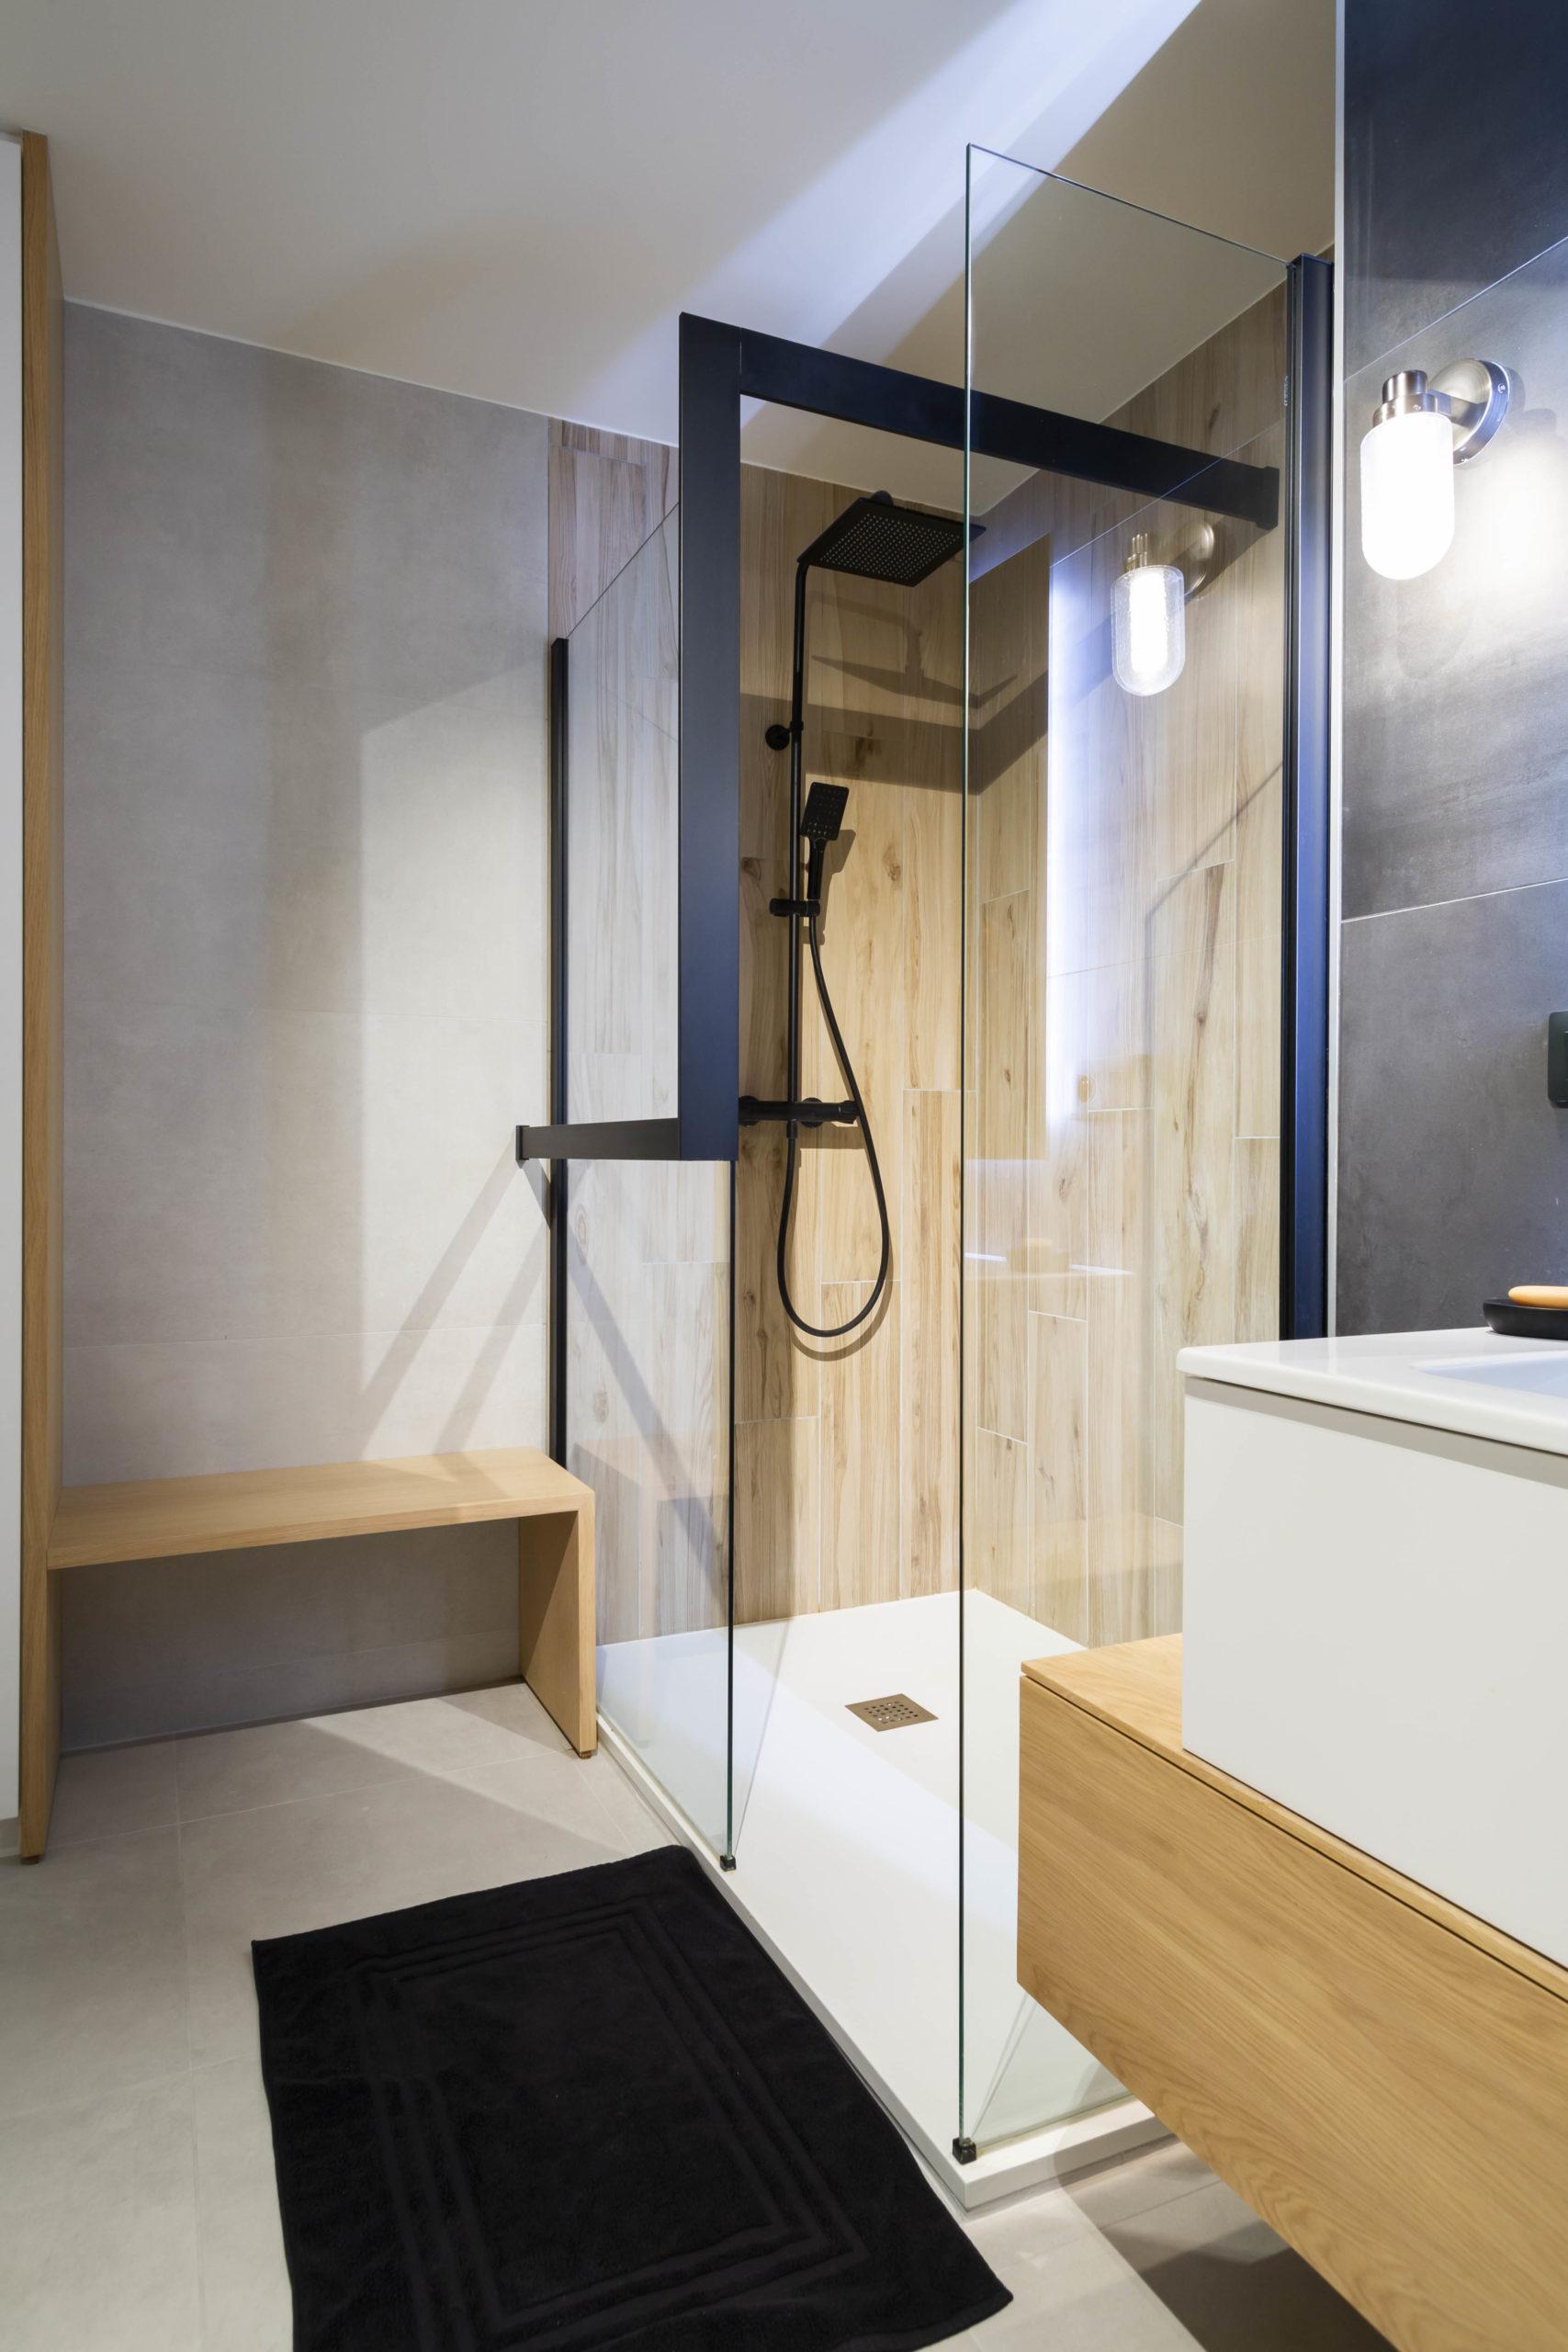 Atelier Plurielles Architectures Réaménagement appartement Anglet - douche (3)